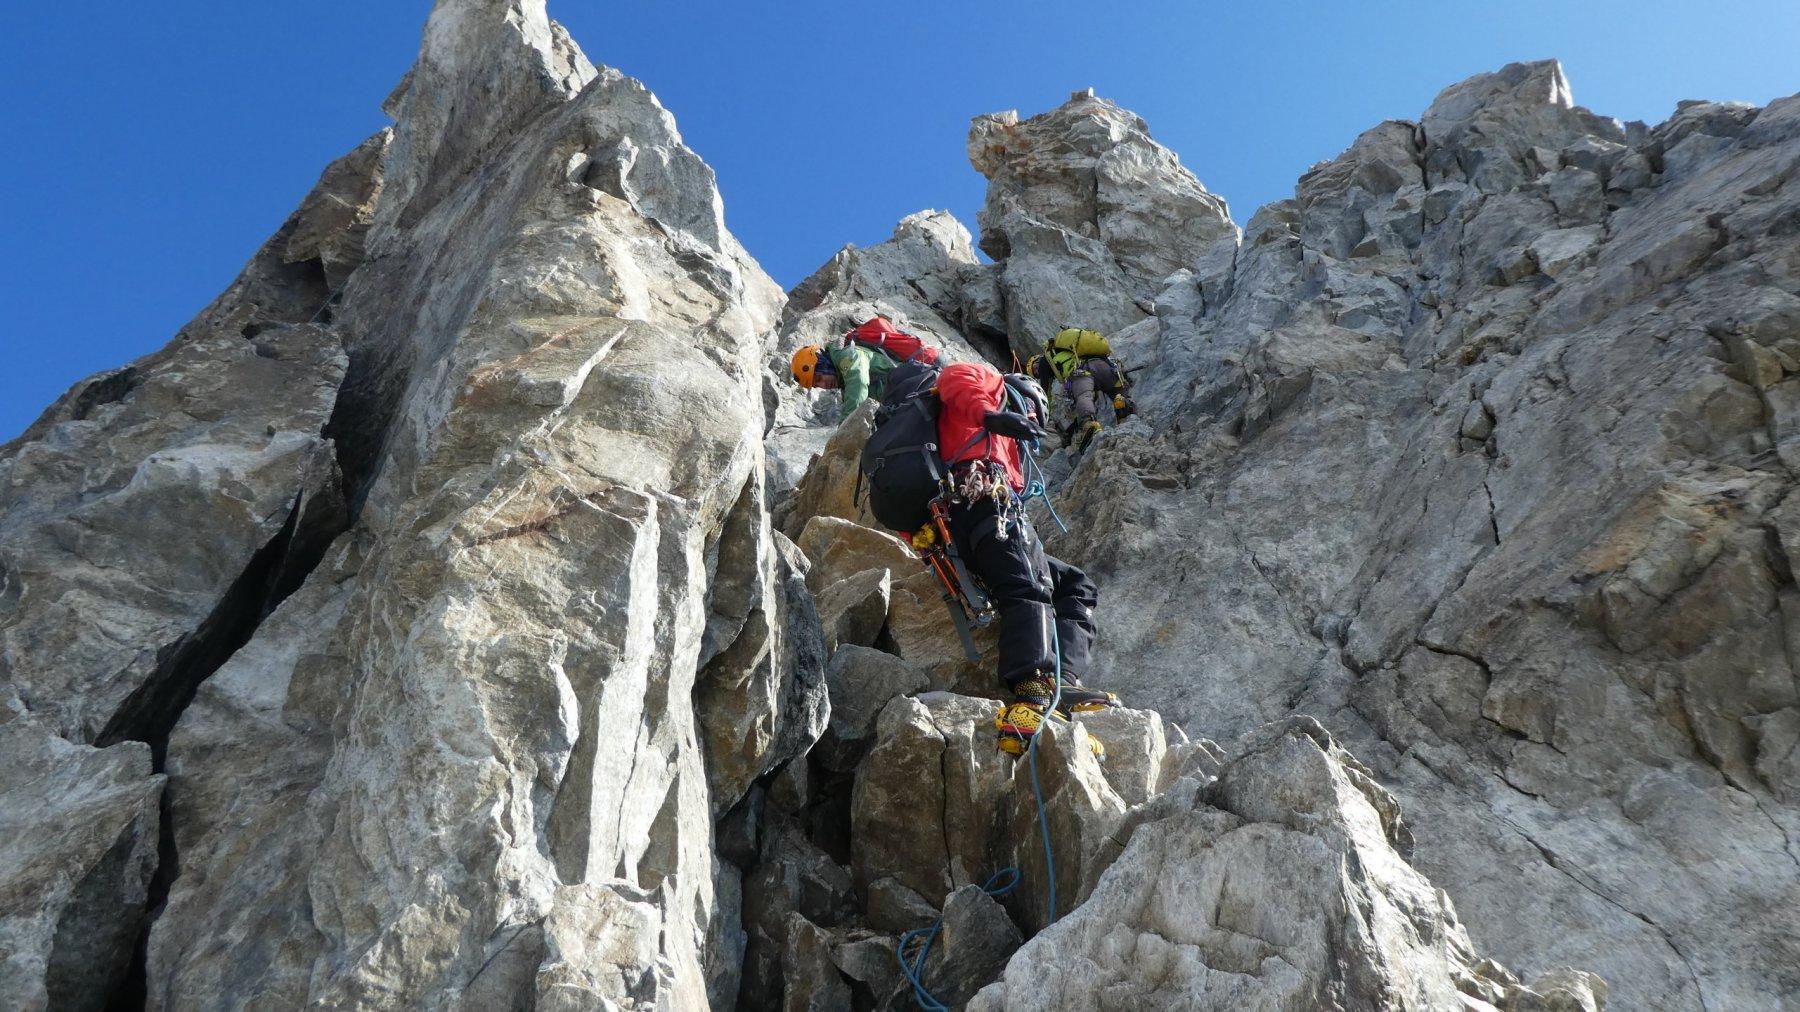 passaggi di arrampicata lungo la paretina rocciosa terminale